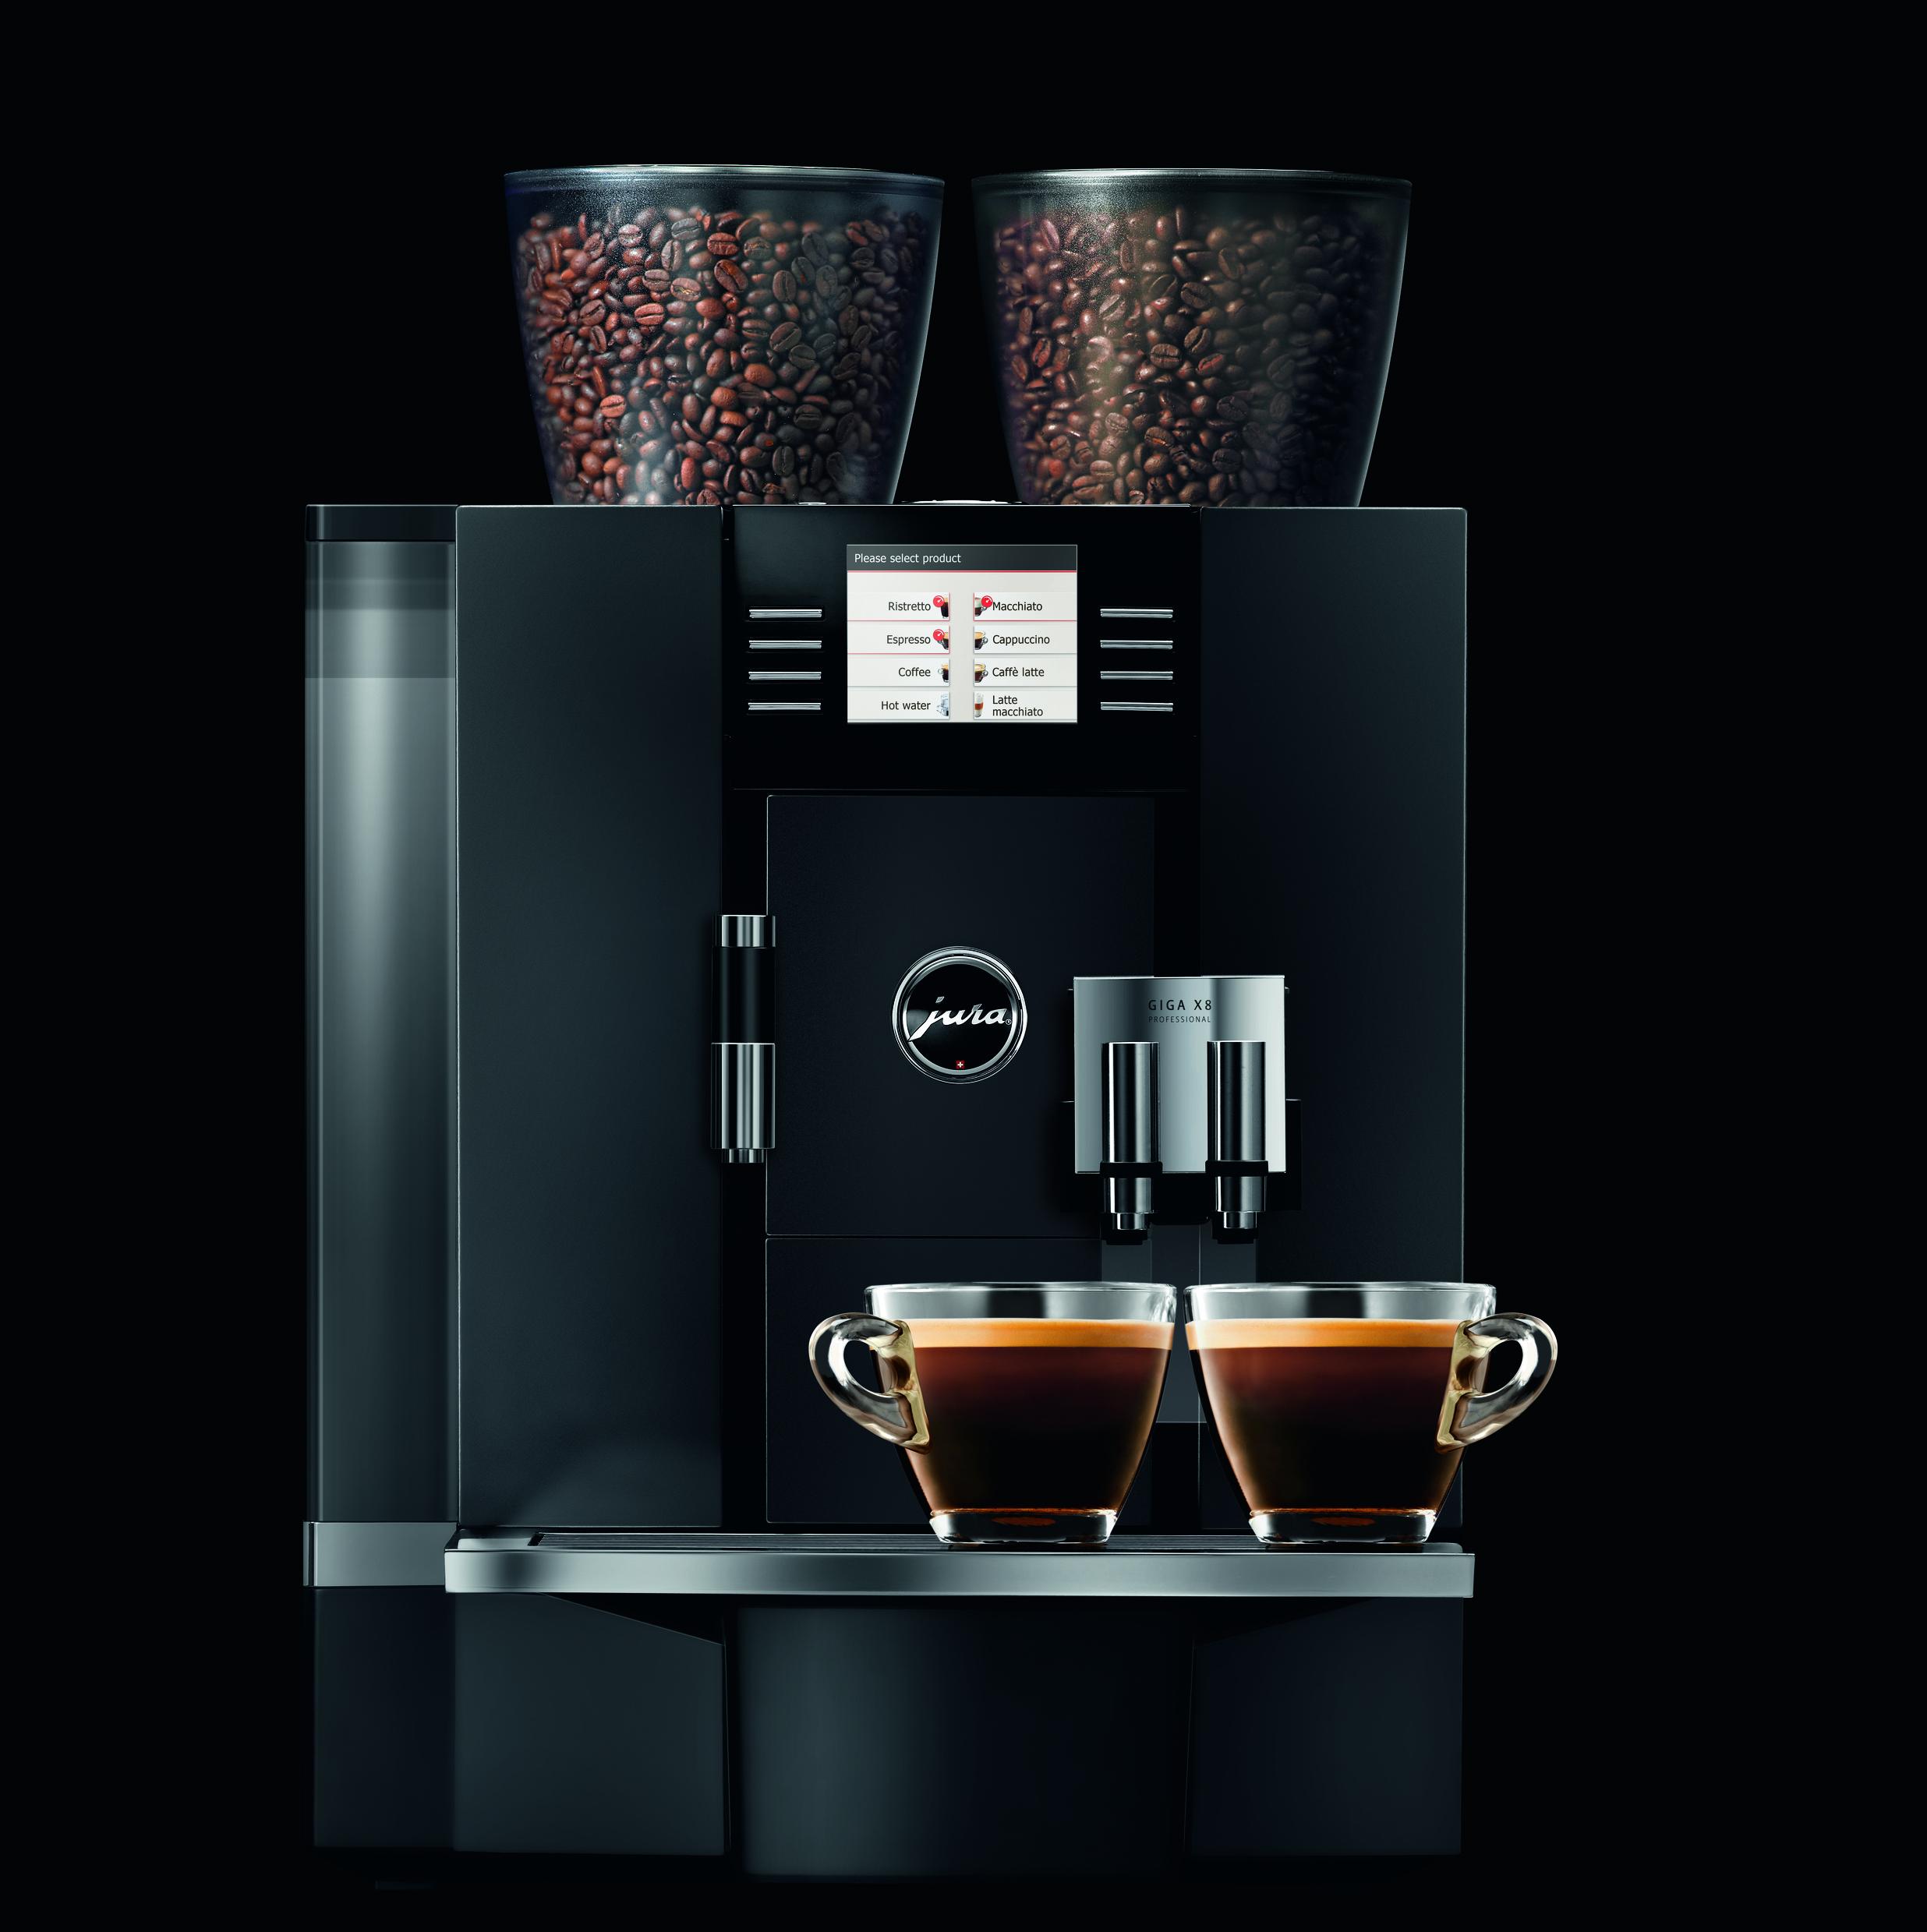 Jura Giga Coffee Machine Range Reviewed